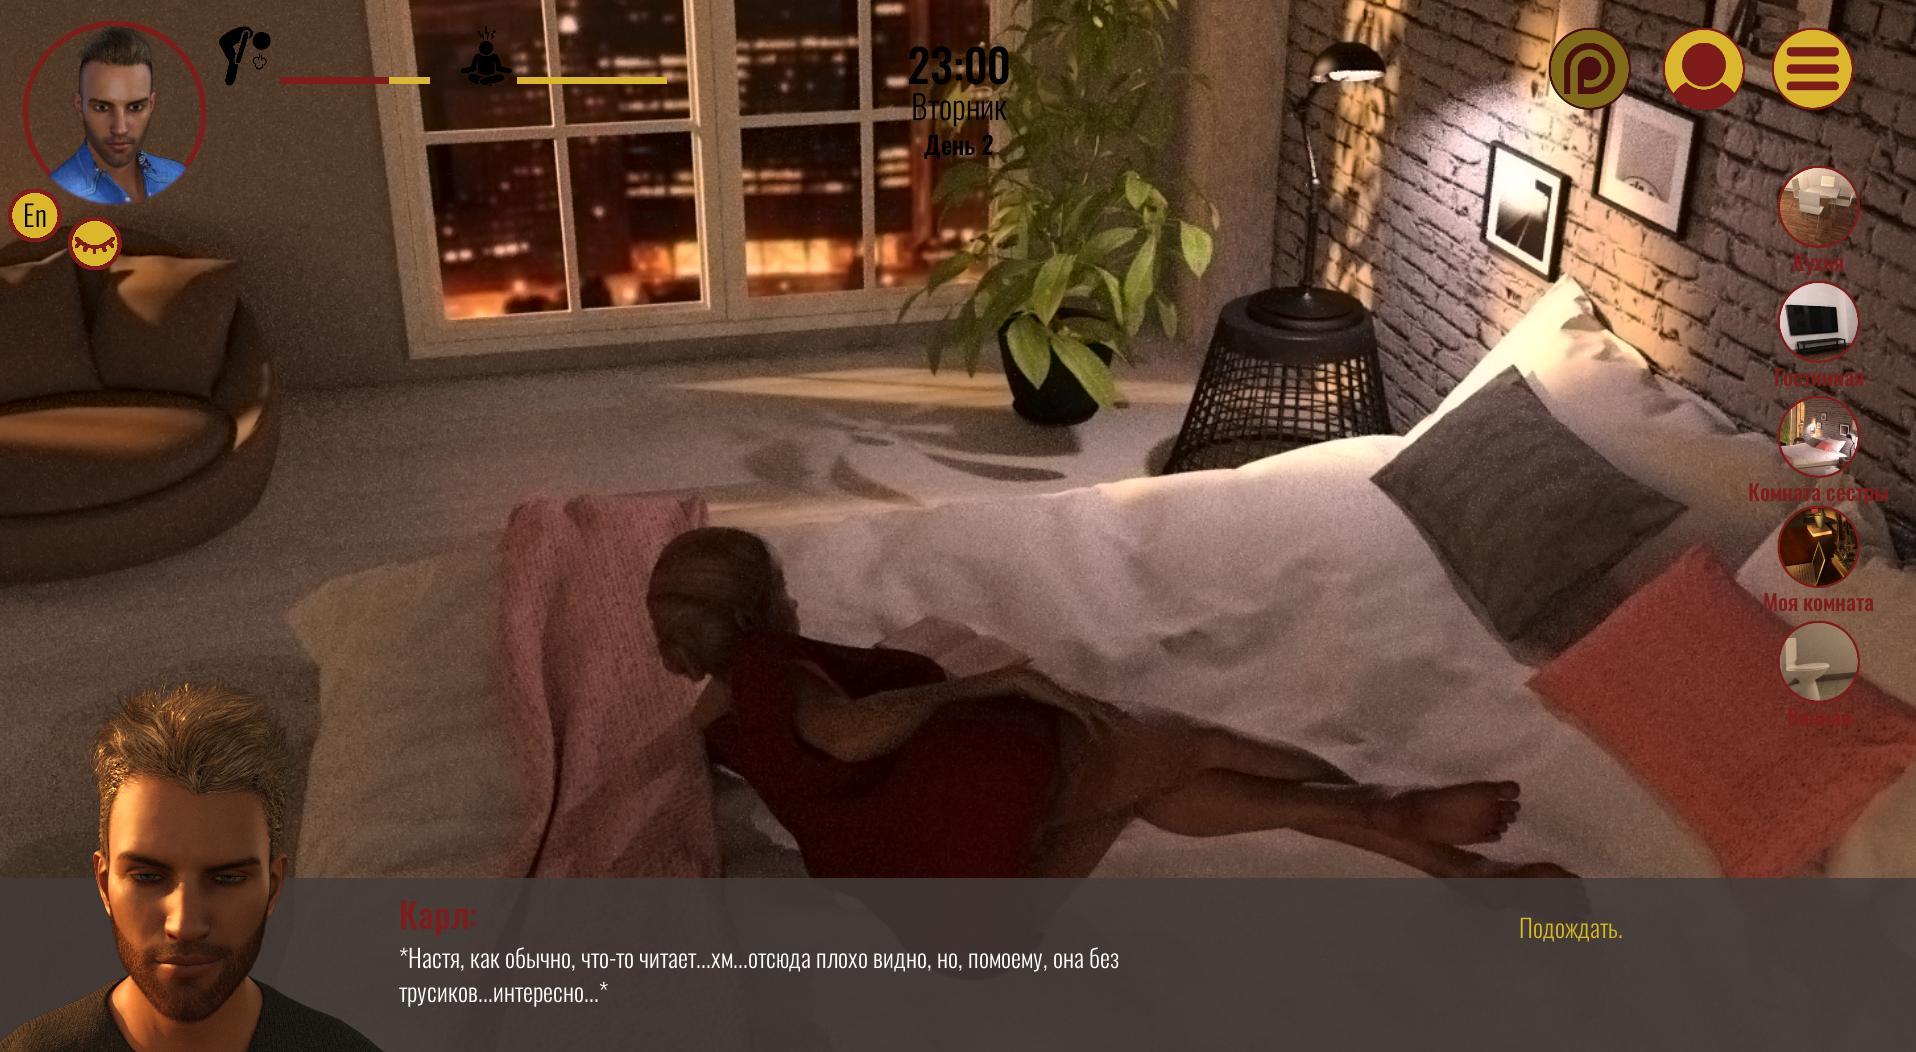 Секс игры в комнате, старые порно фильм онлайн екатерина